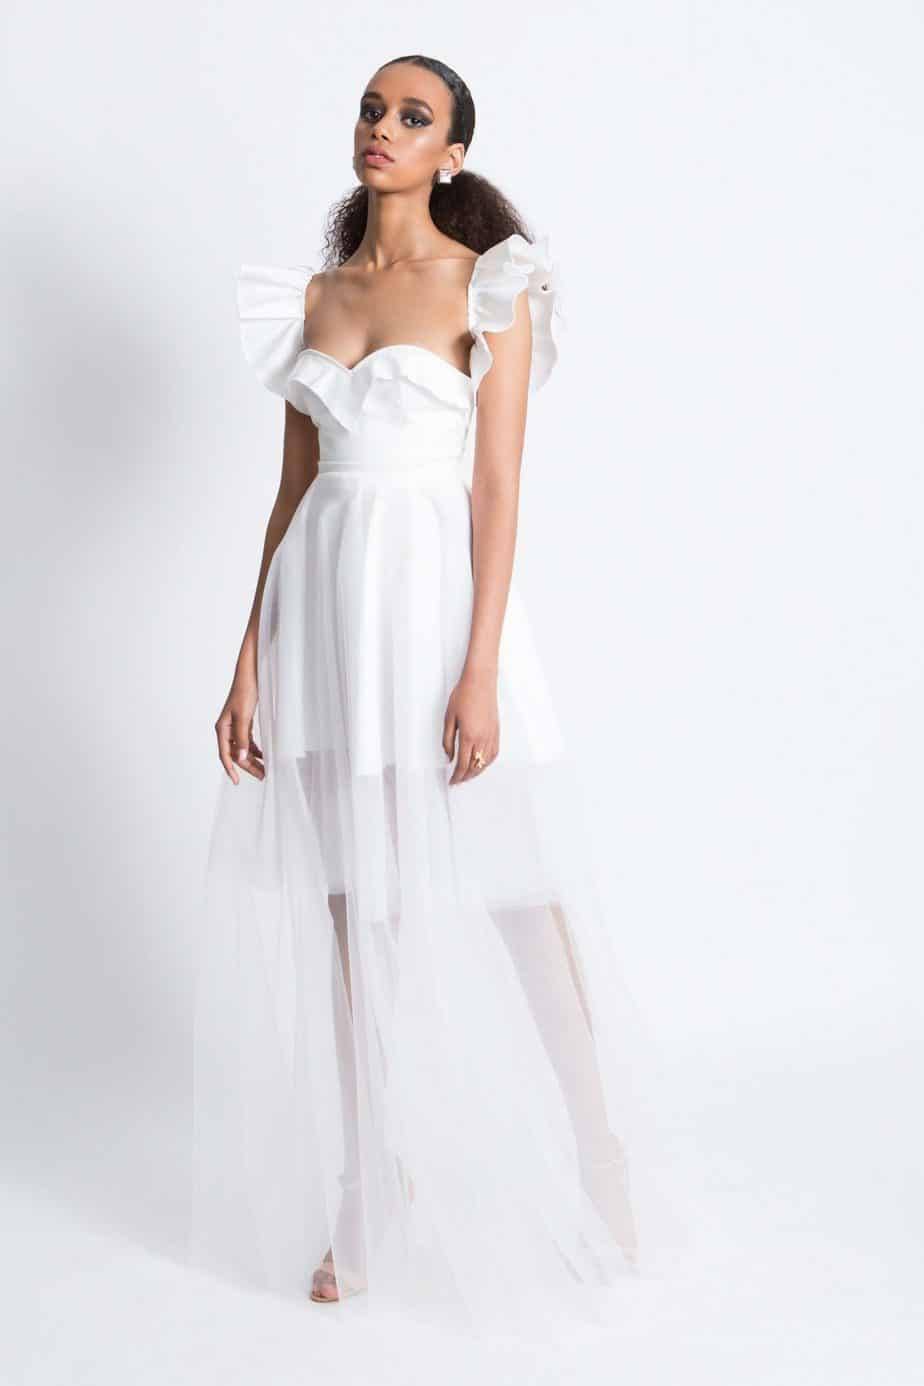 שמלה של רז אלנתן, צילום יח״צ - 10